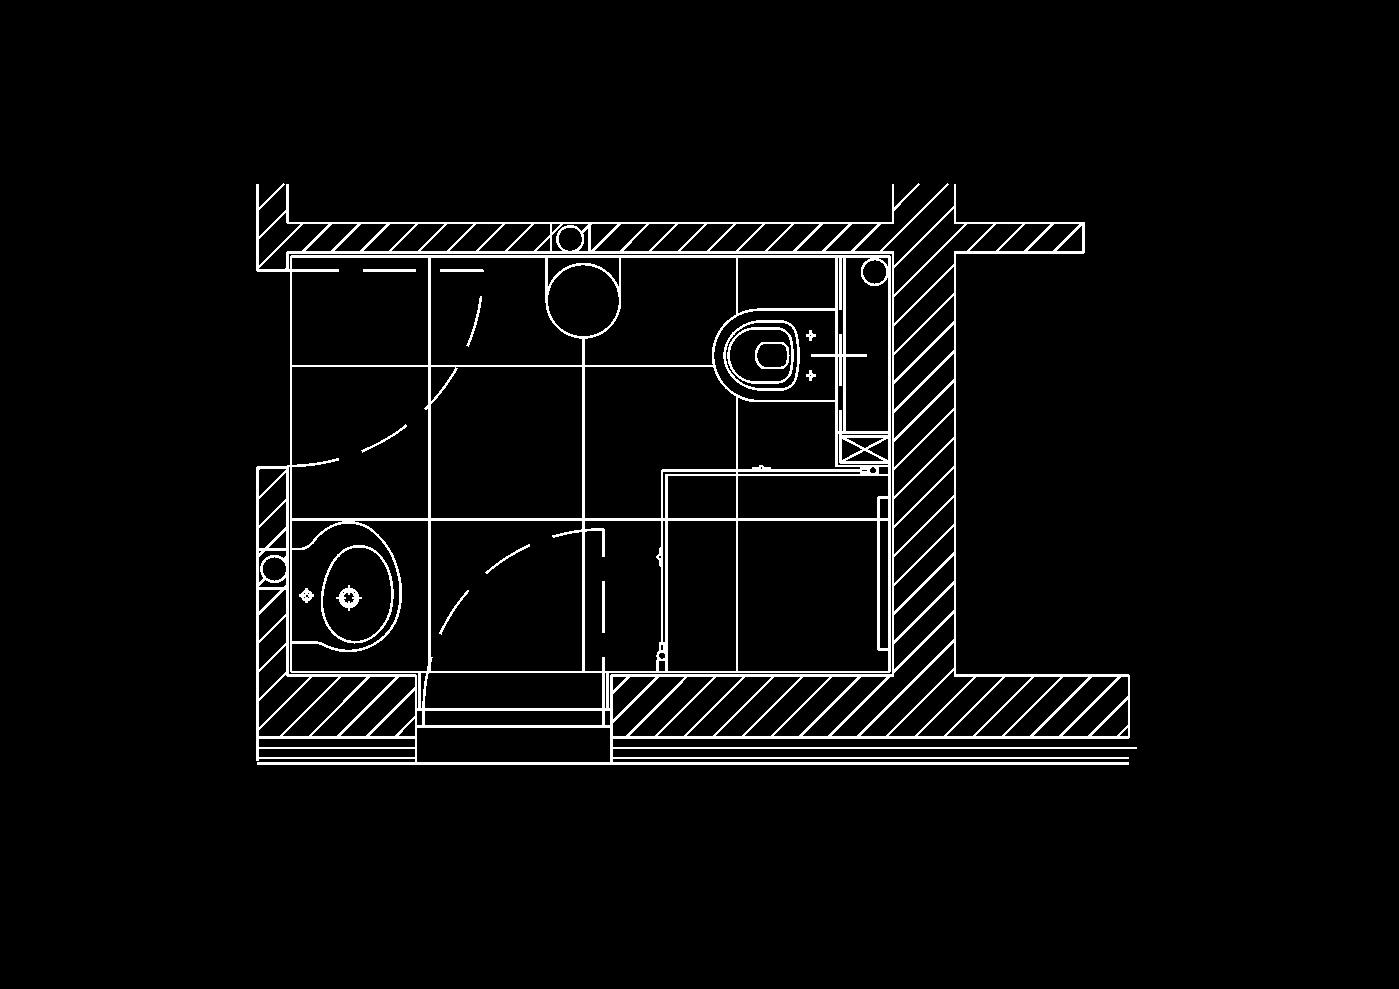 Inarte innenarchitektur wc 01 e for Dusche wc auf kleinstem raum